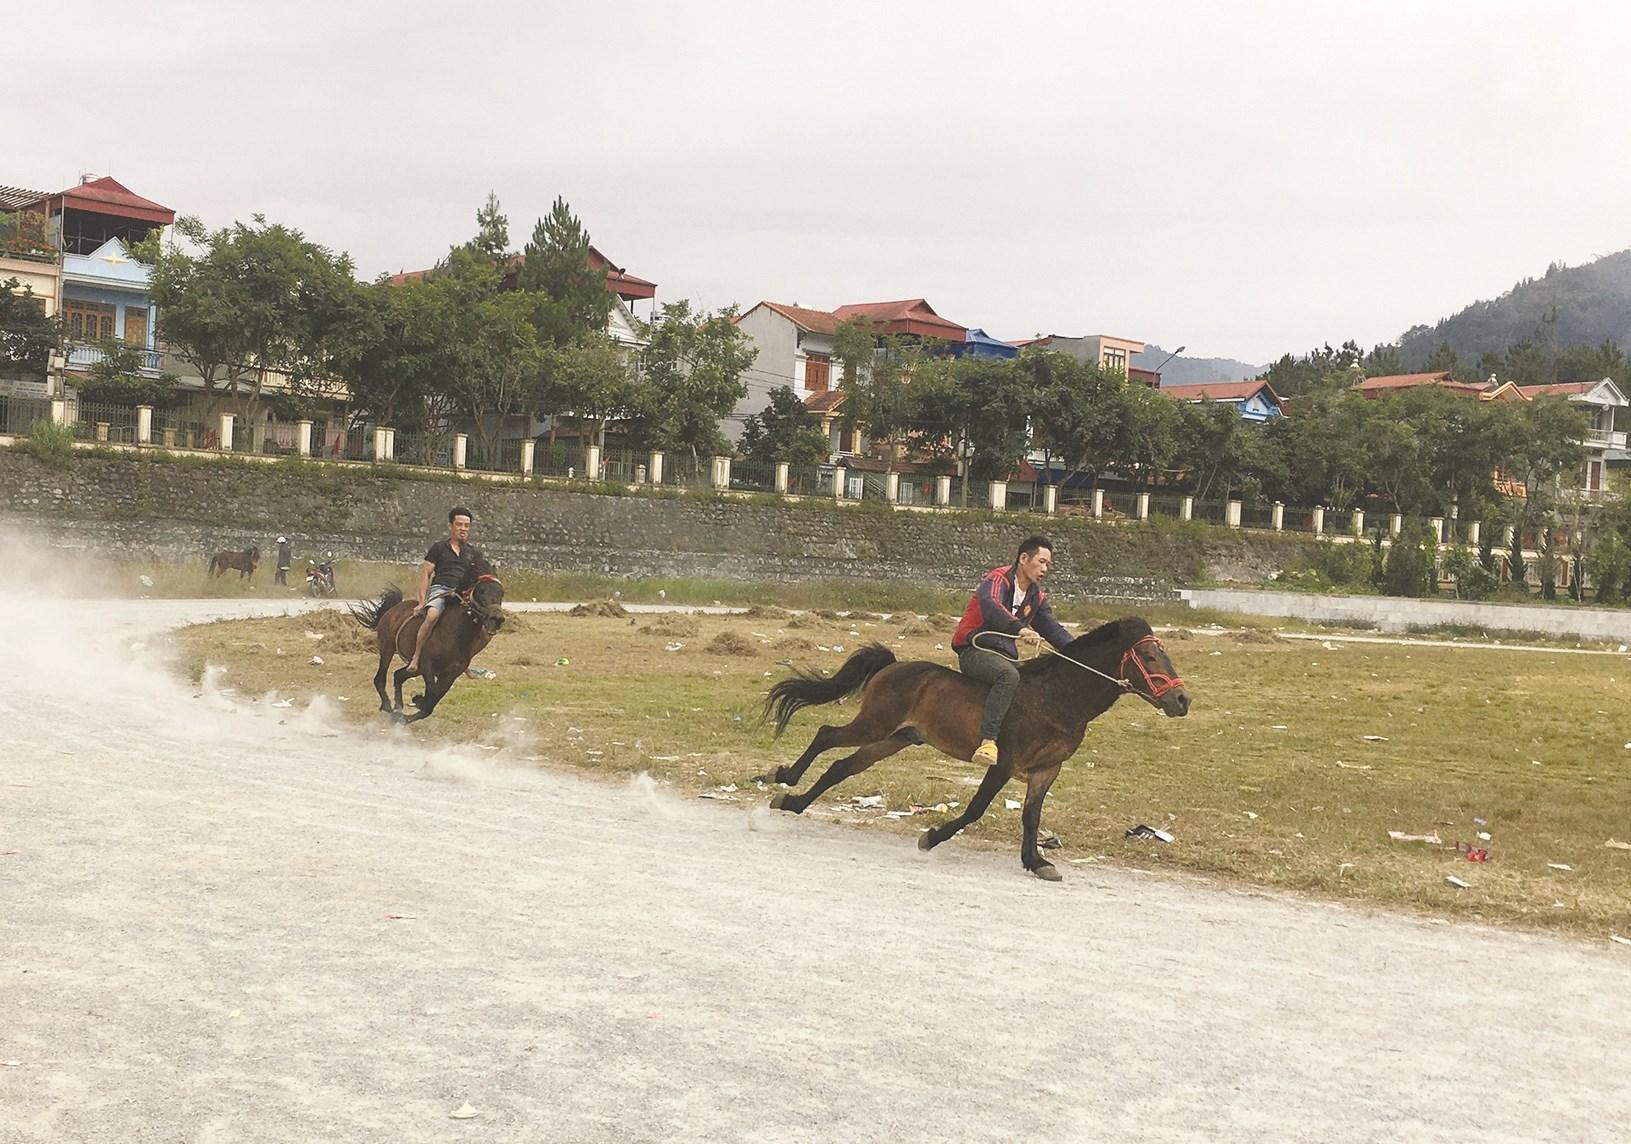 Rèn kỹ năng bám cua, điều khiển ngựa